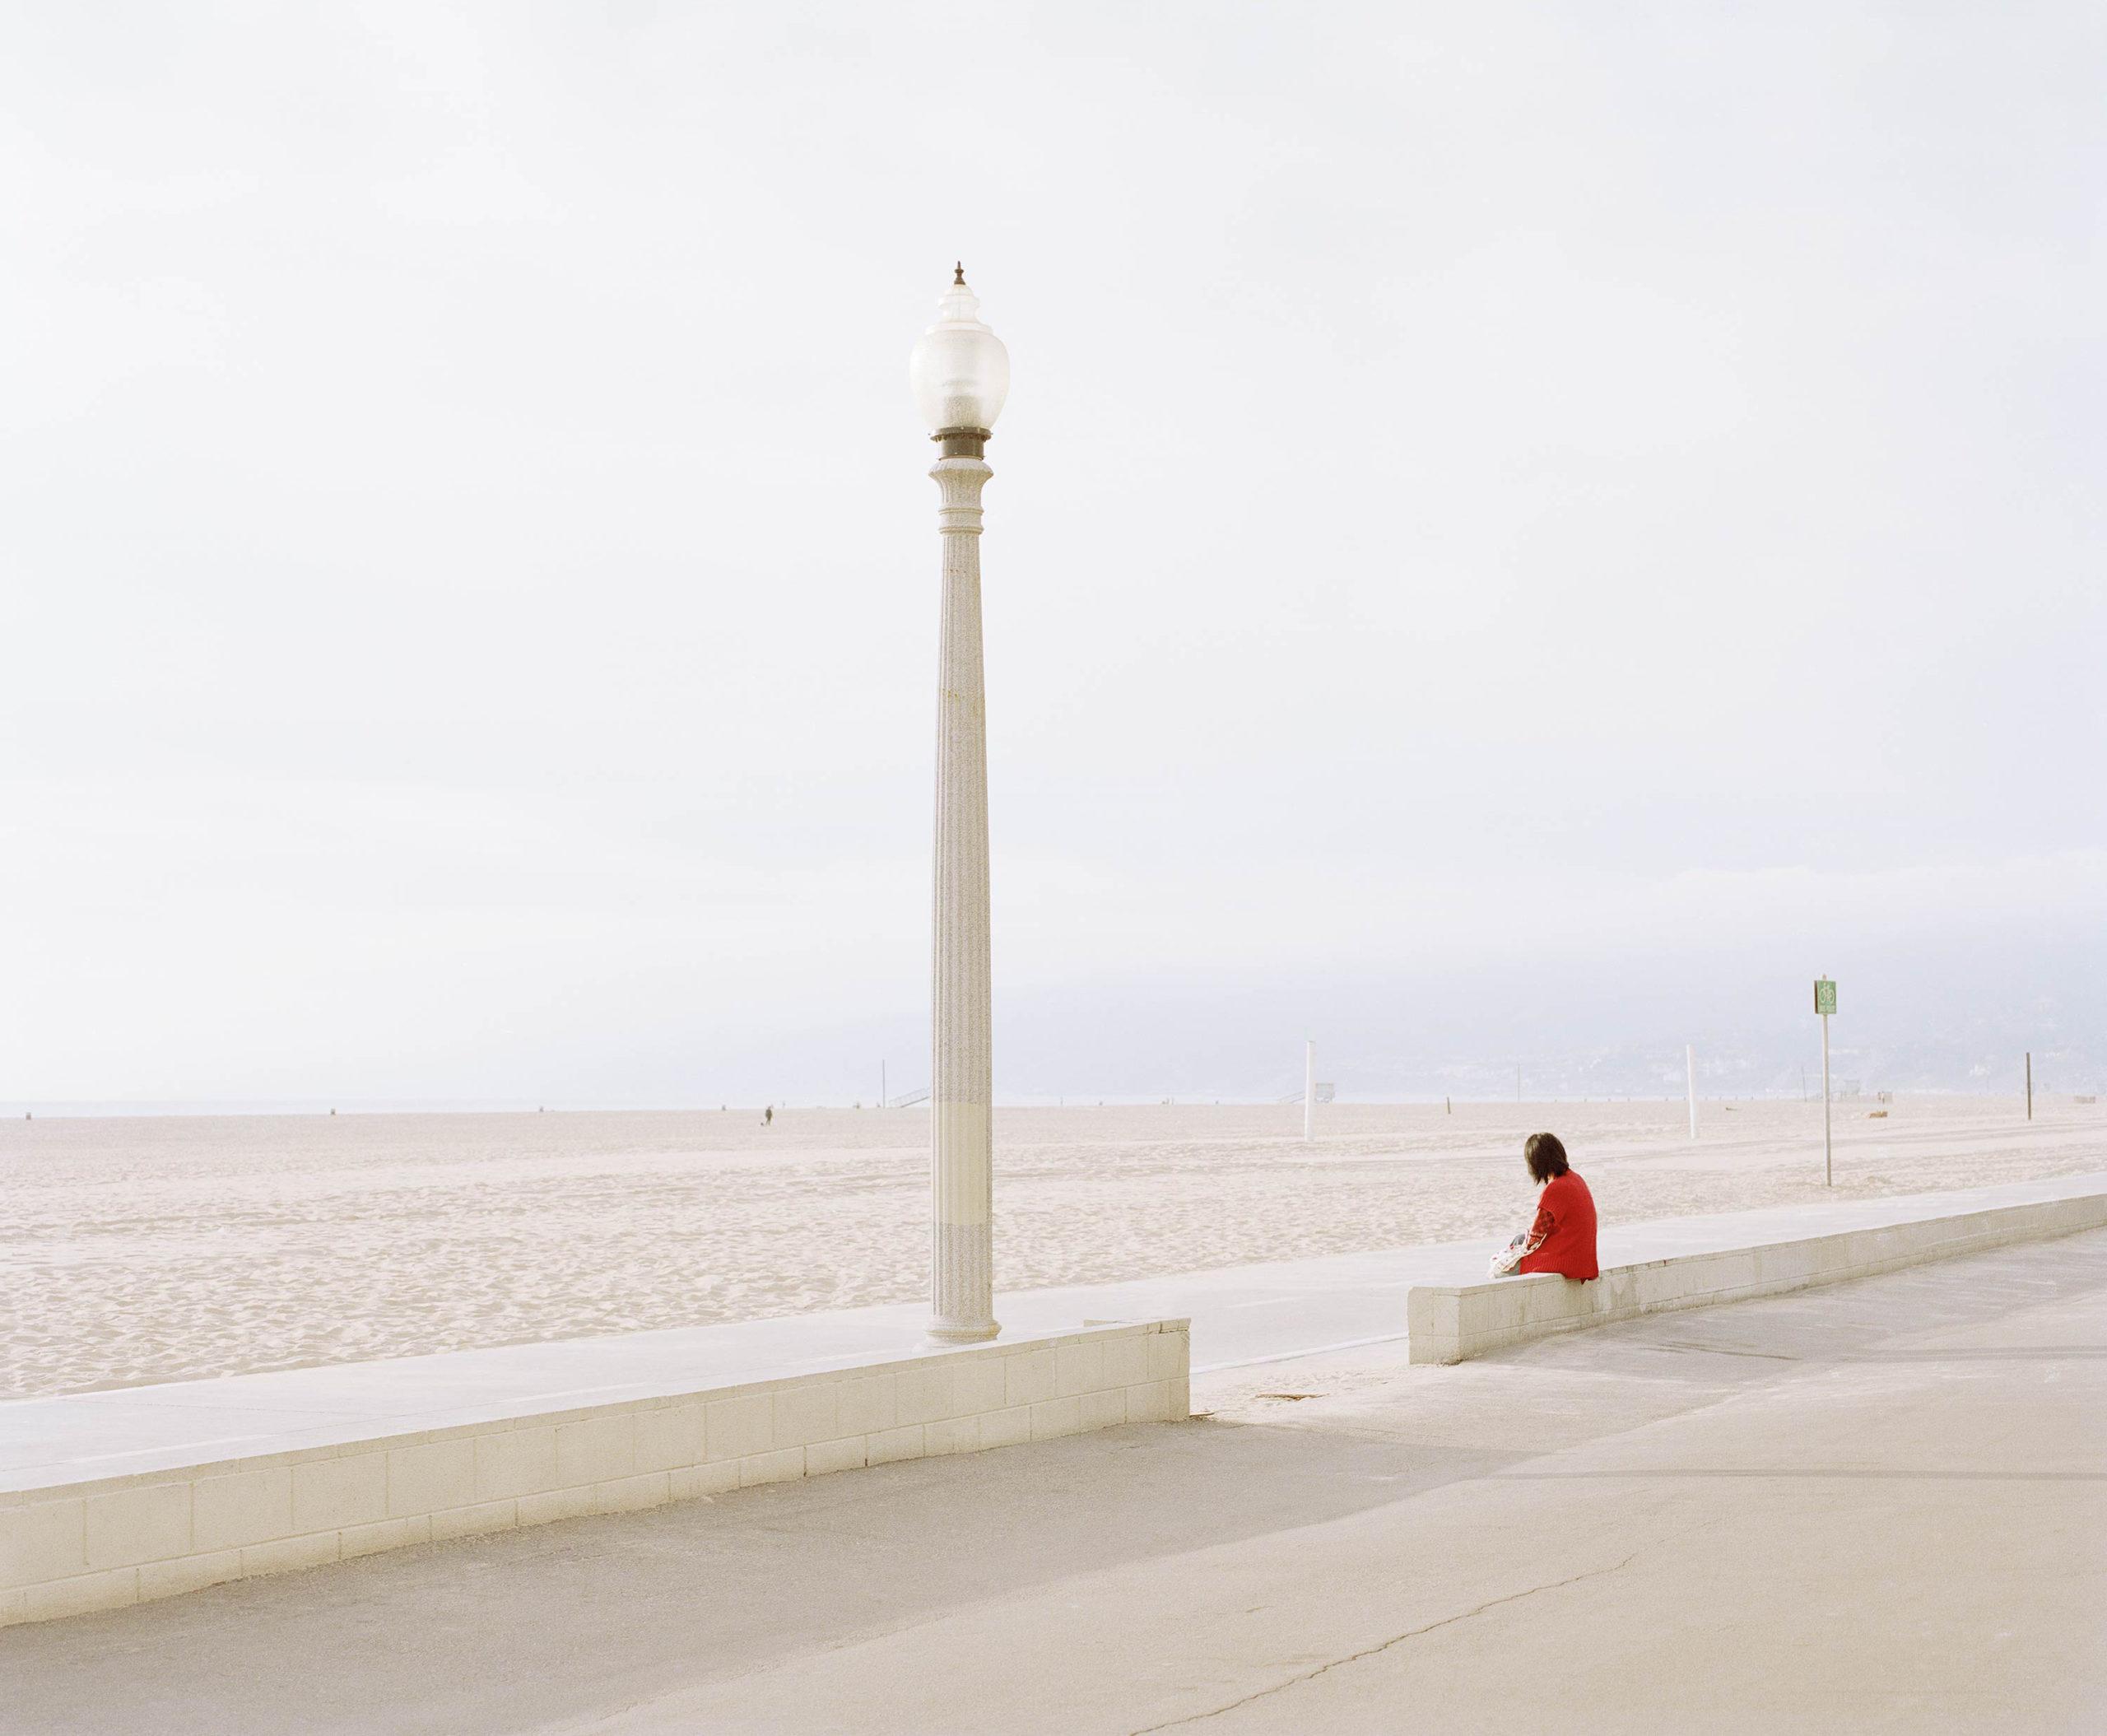 Tourist - Concrete Collection - Fine Art Photography by Toby Dixon